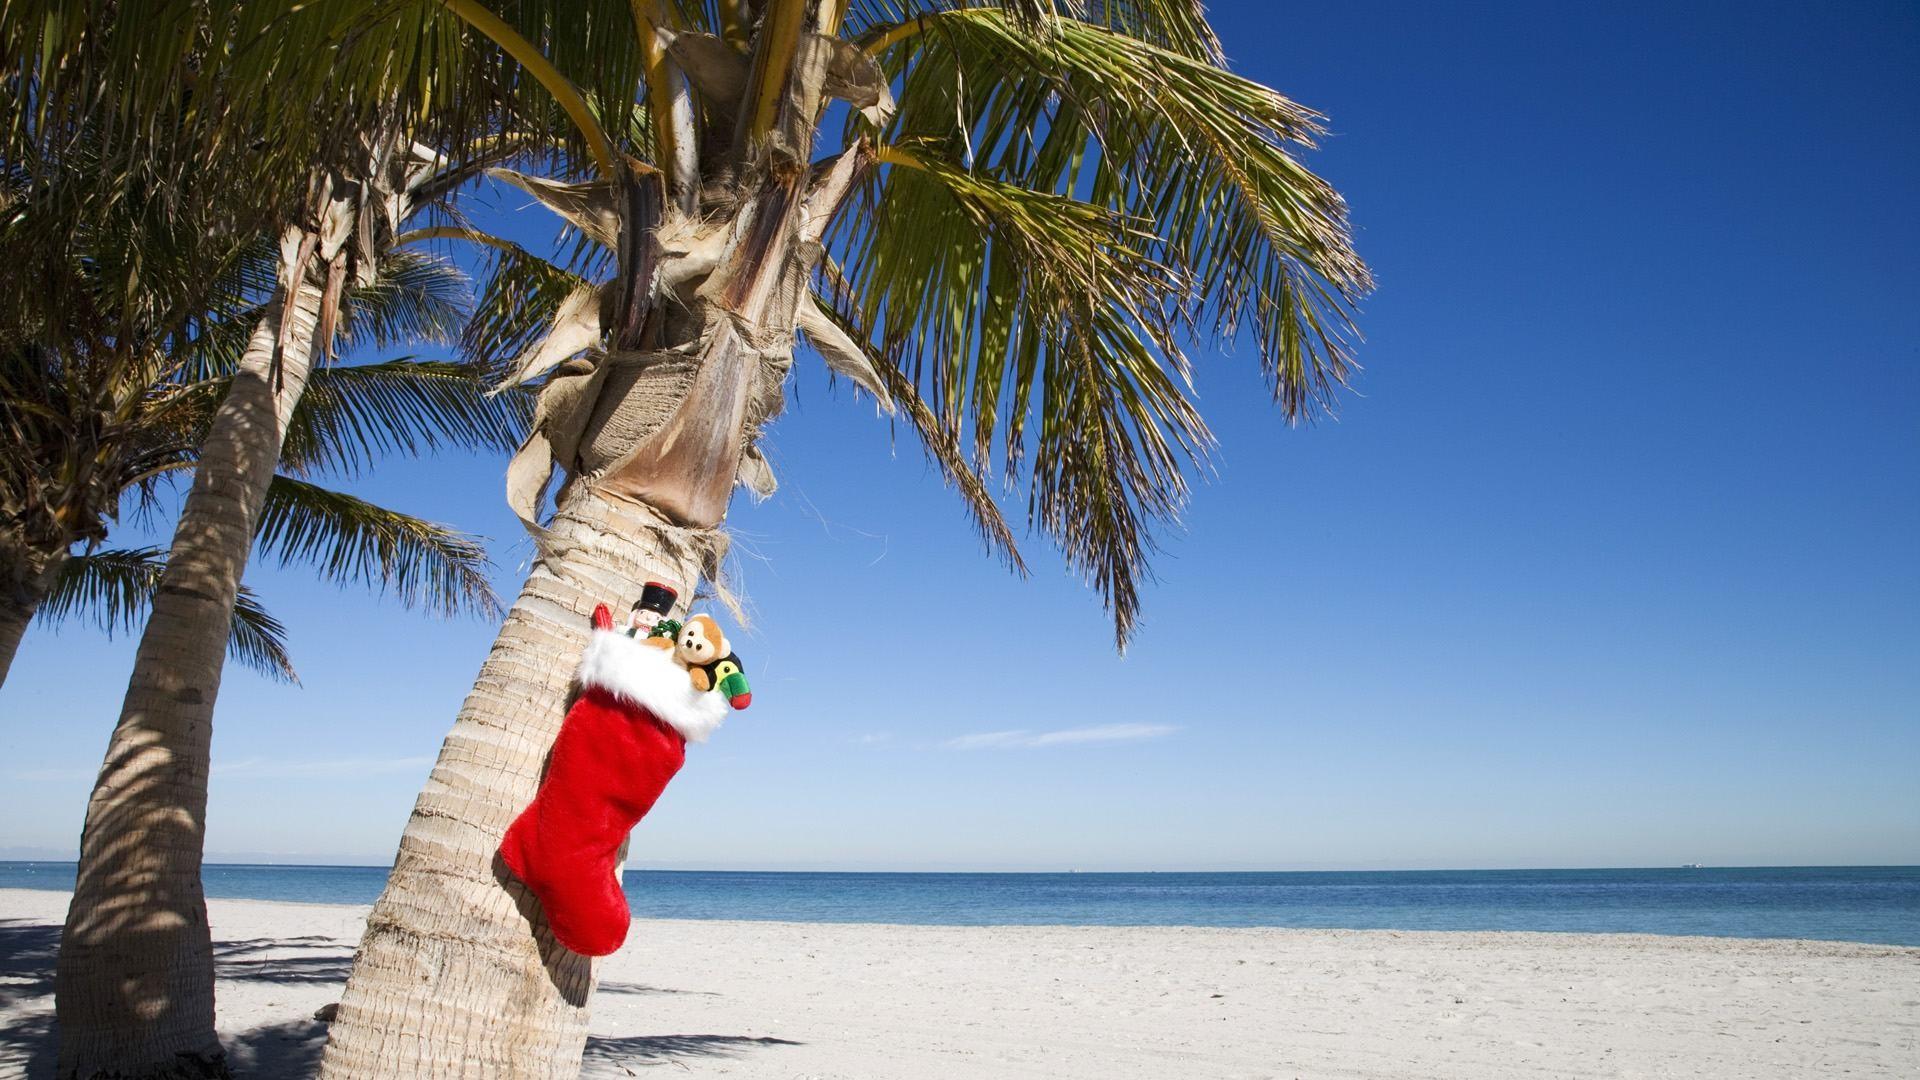 Beach Christmas Wallpaper